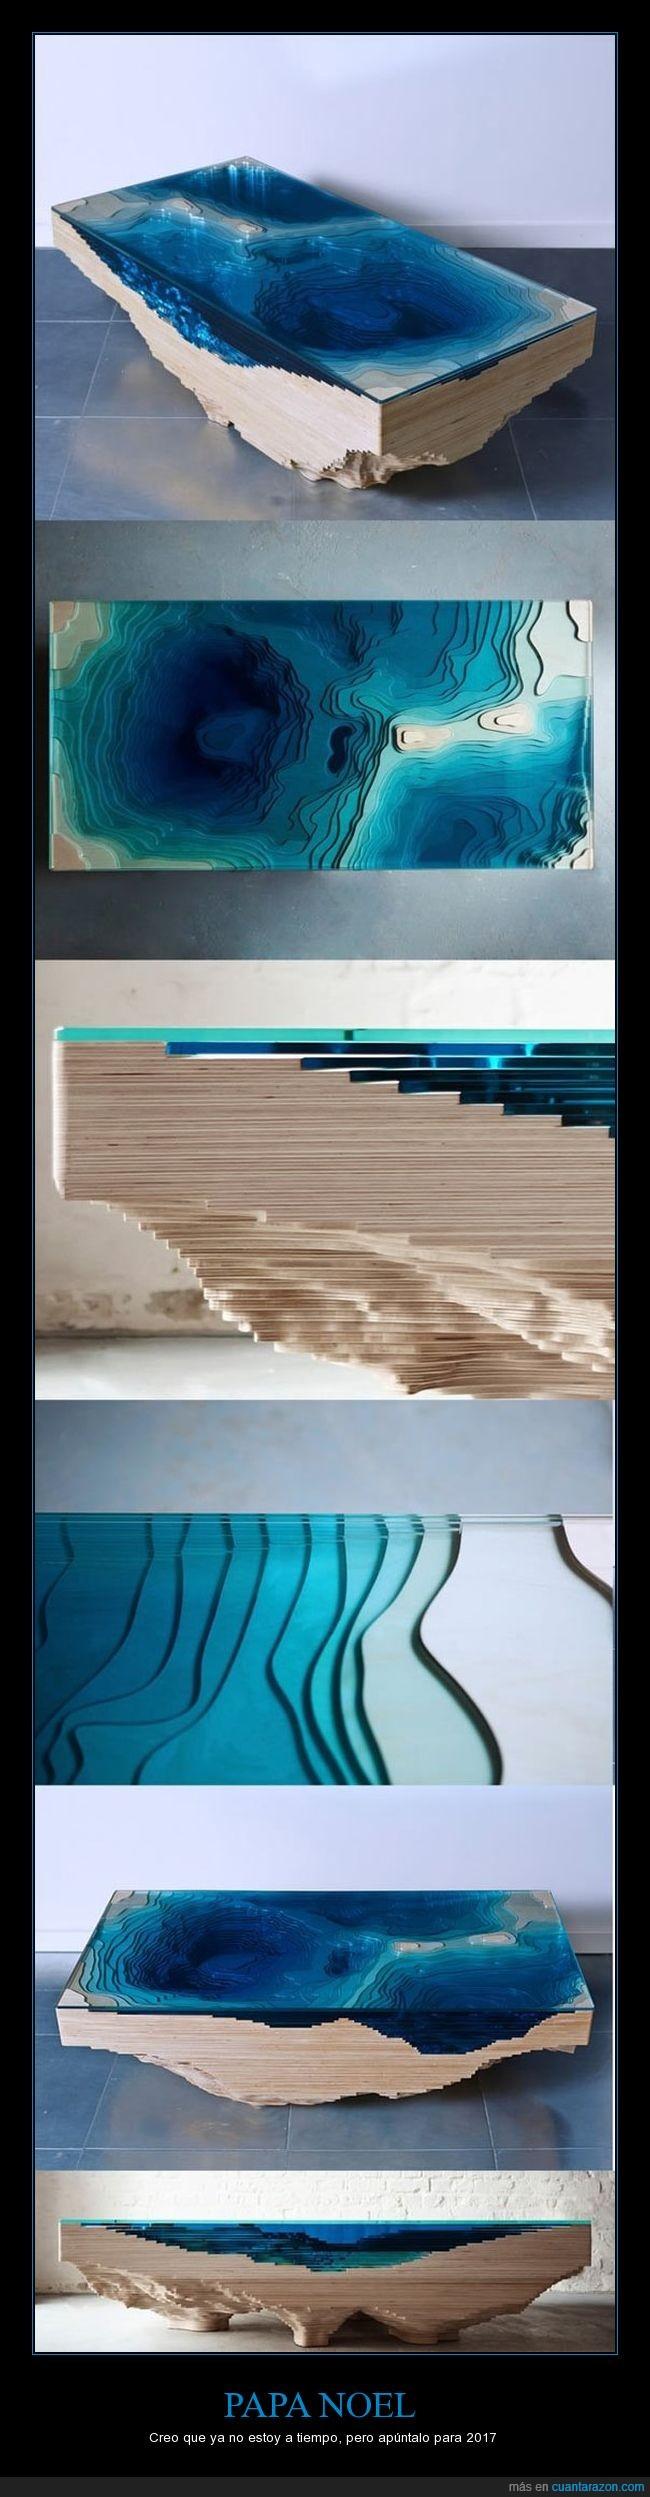 Espectacular diseño de mesa - Creo que ya no estoy a tiempo, pero apúntalo para 2017   Gracias a http://www.cuantarazon.com/   Si quieres leer la noticia completa visita: http://www.estoy-aburrido.com/espectacular-diseno-de-mesa-creo-que-ya-no-estoy-a-tiempo-pero-apuntalo-para-2017/